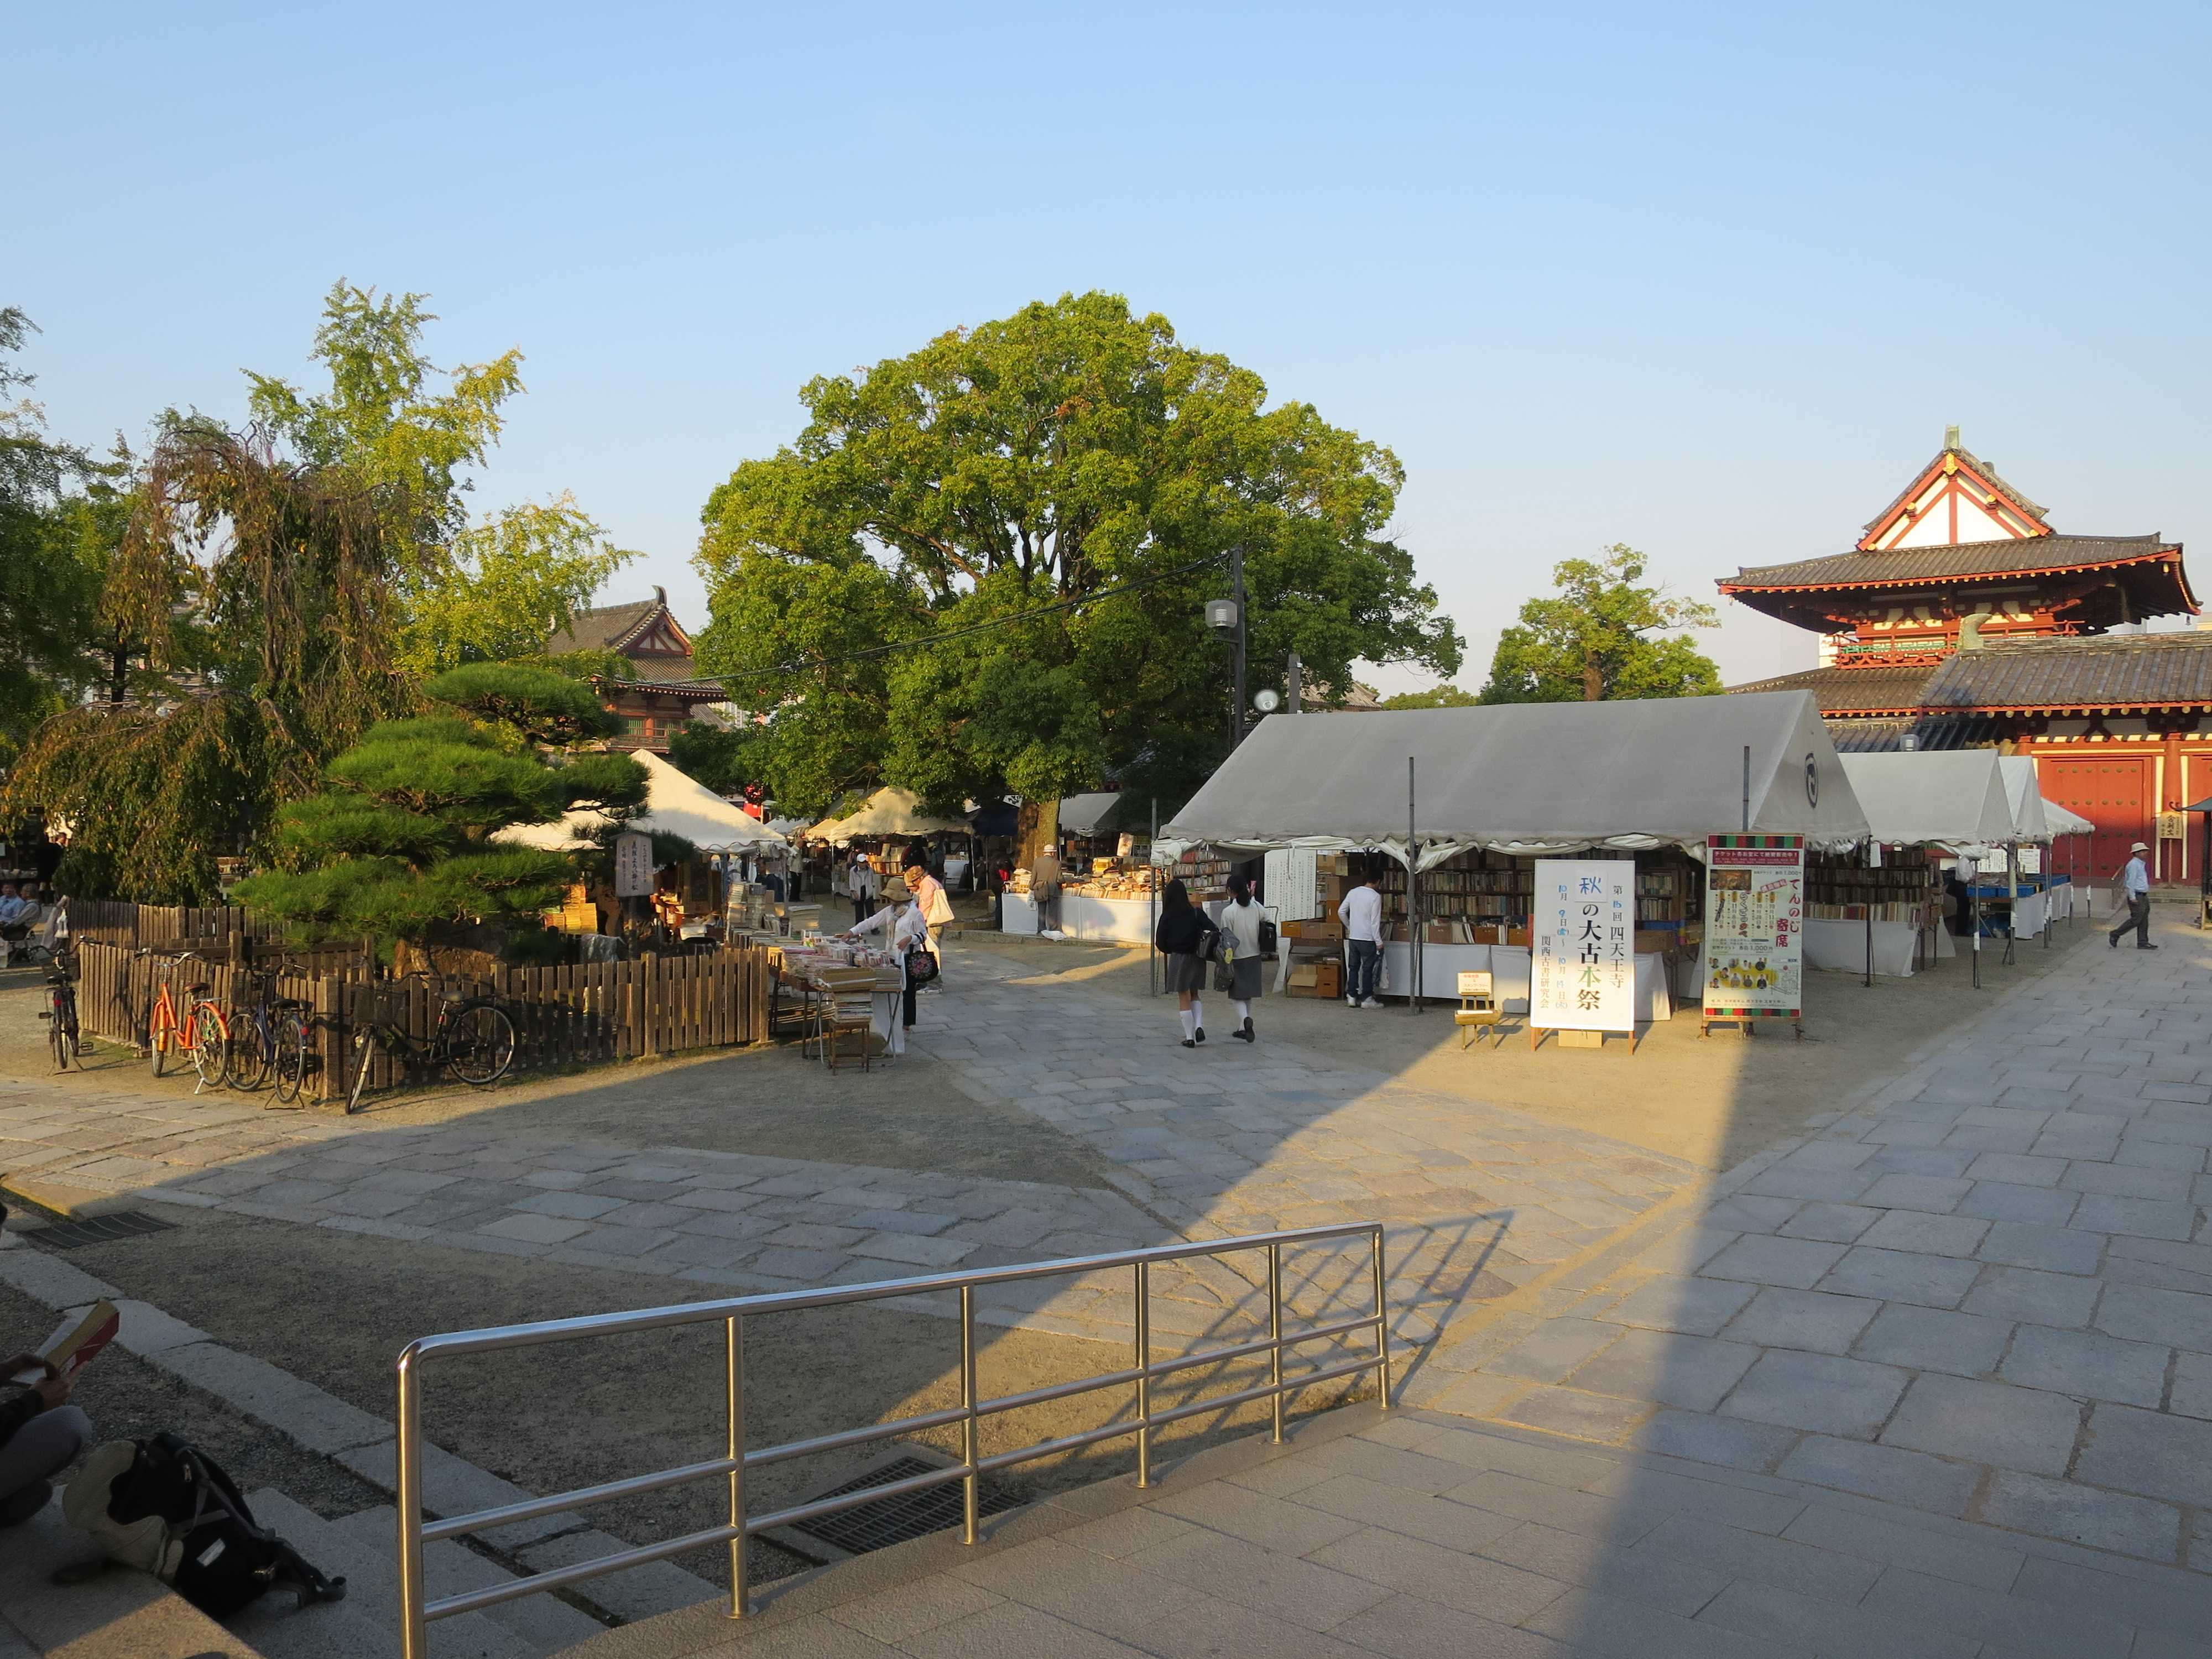 四天王寺 古本市